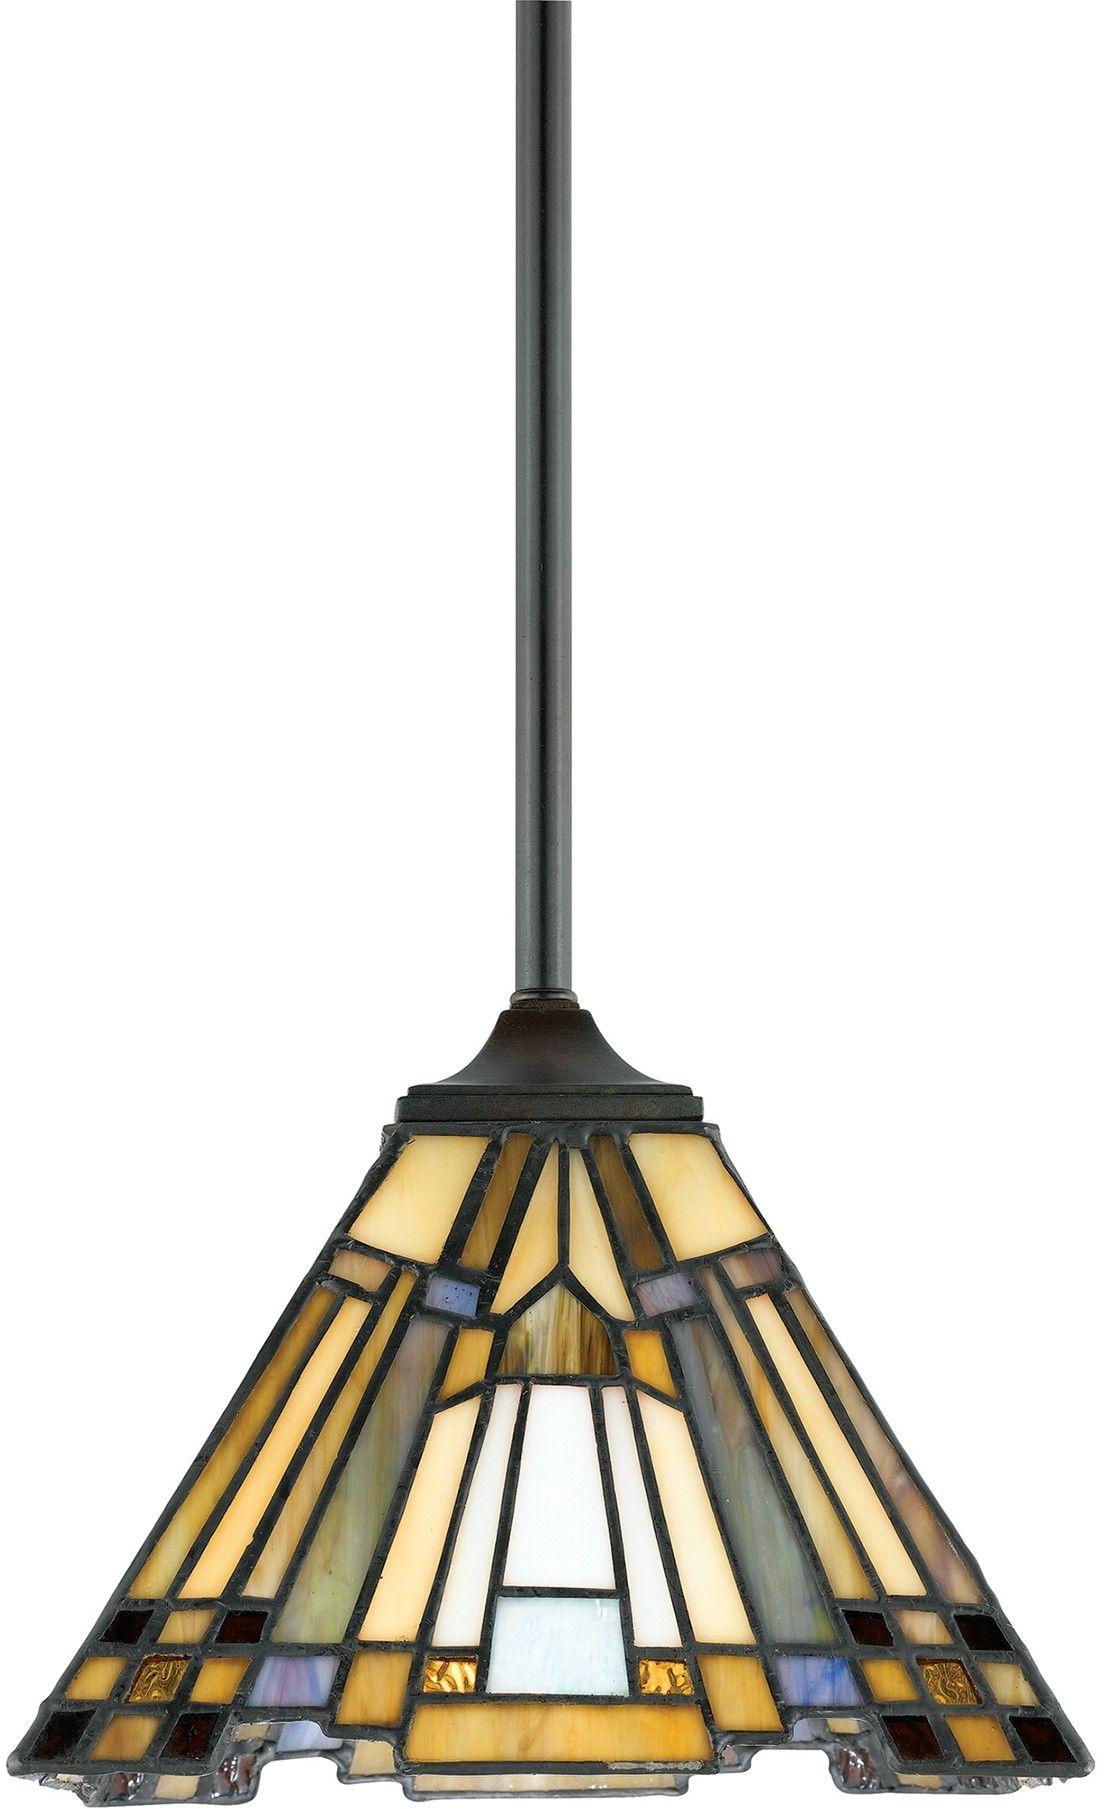 Inglenook lampa wisząca witraż tiffany QZ-INGLENOOK-MP - Quoizel // Rabaty w koszyku i darmowa dostawa od 299zł !